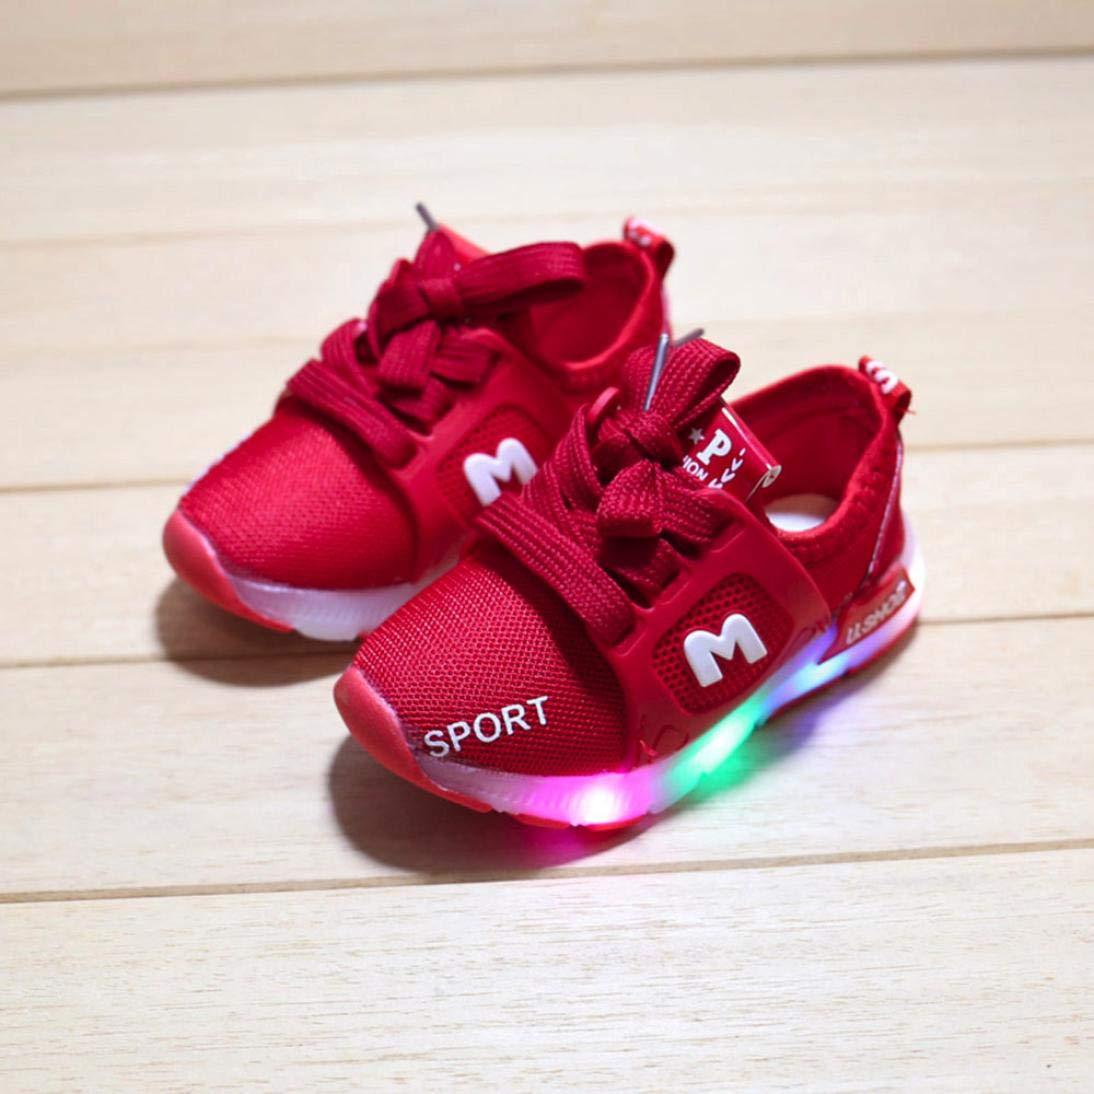 38e7eba725f54b Bébé Chaussures LED Baskets Sport,Xinantime Enfant en Bas âge Bébé Fille a  Conduit des Chaussures Légères Garçons Lumineux Sandales de Sport en Plein  Air: ...